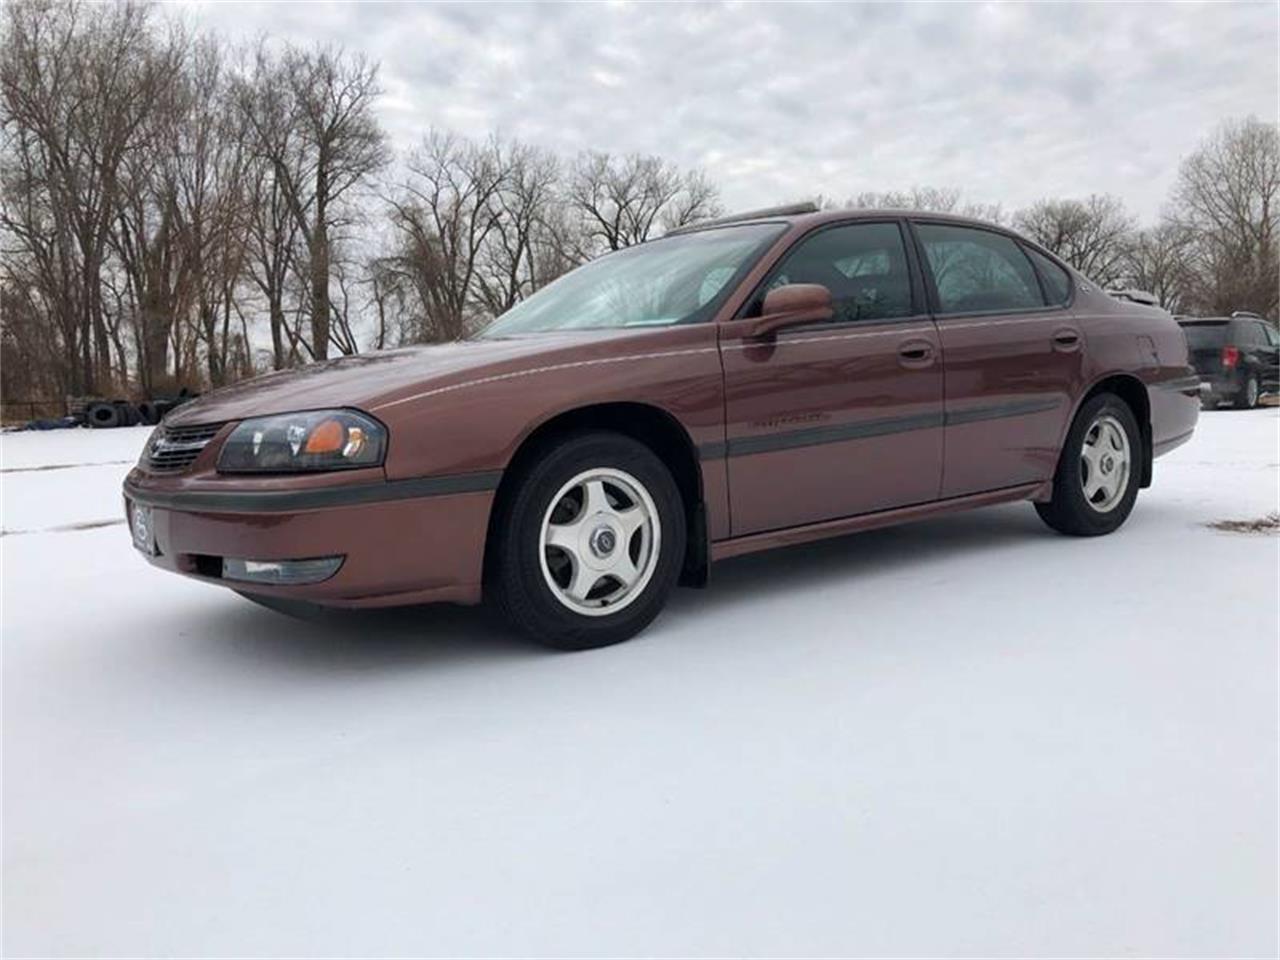 2000 Chevrolet Impala For Sale Classiccars Com Cc 1186722